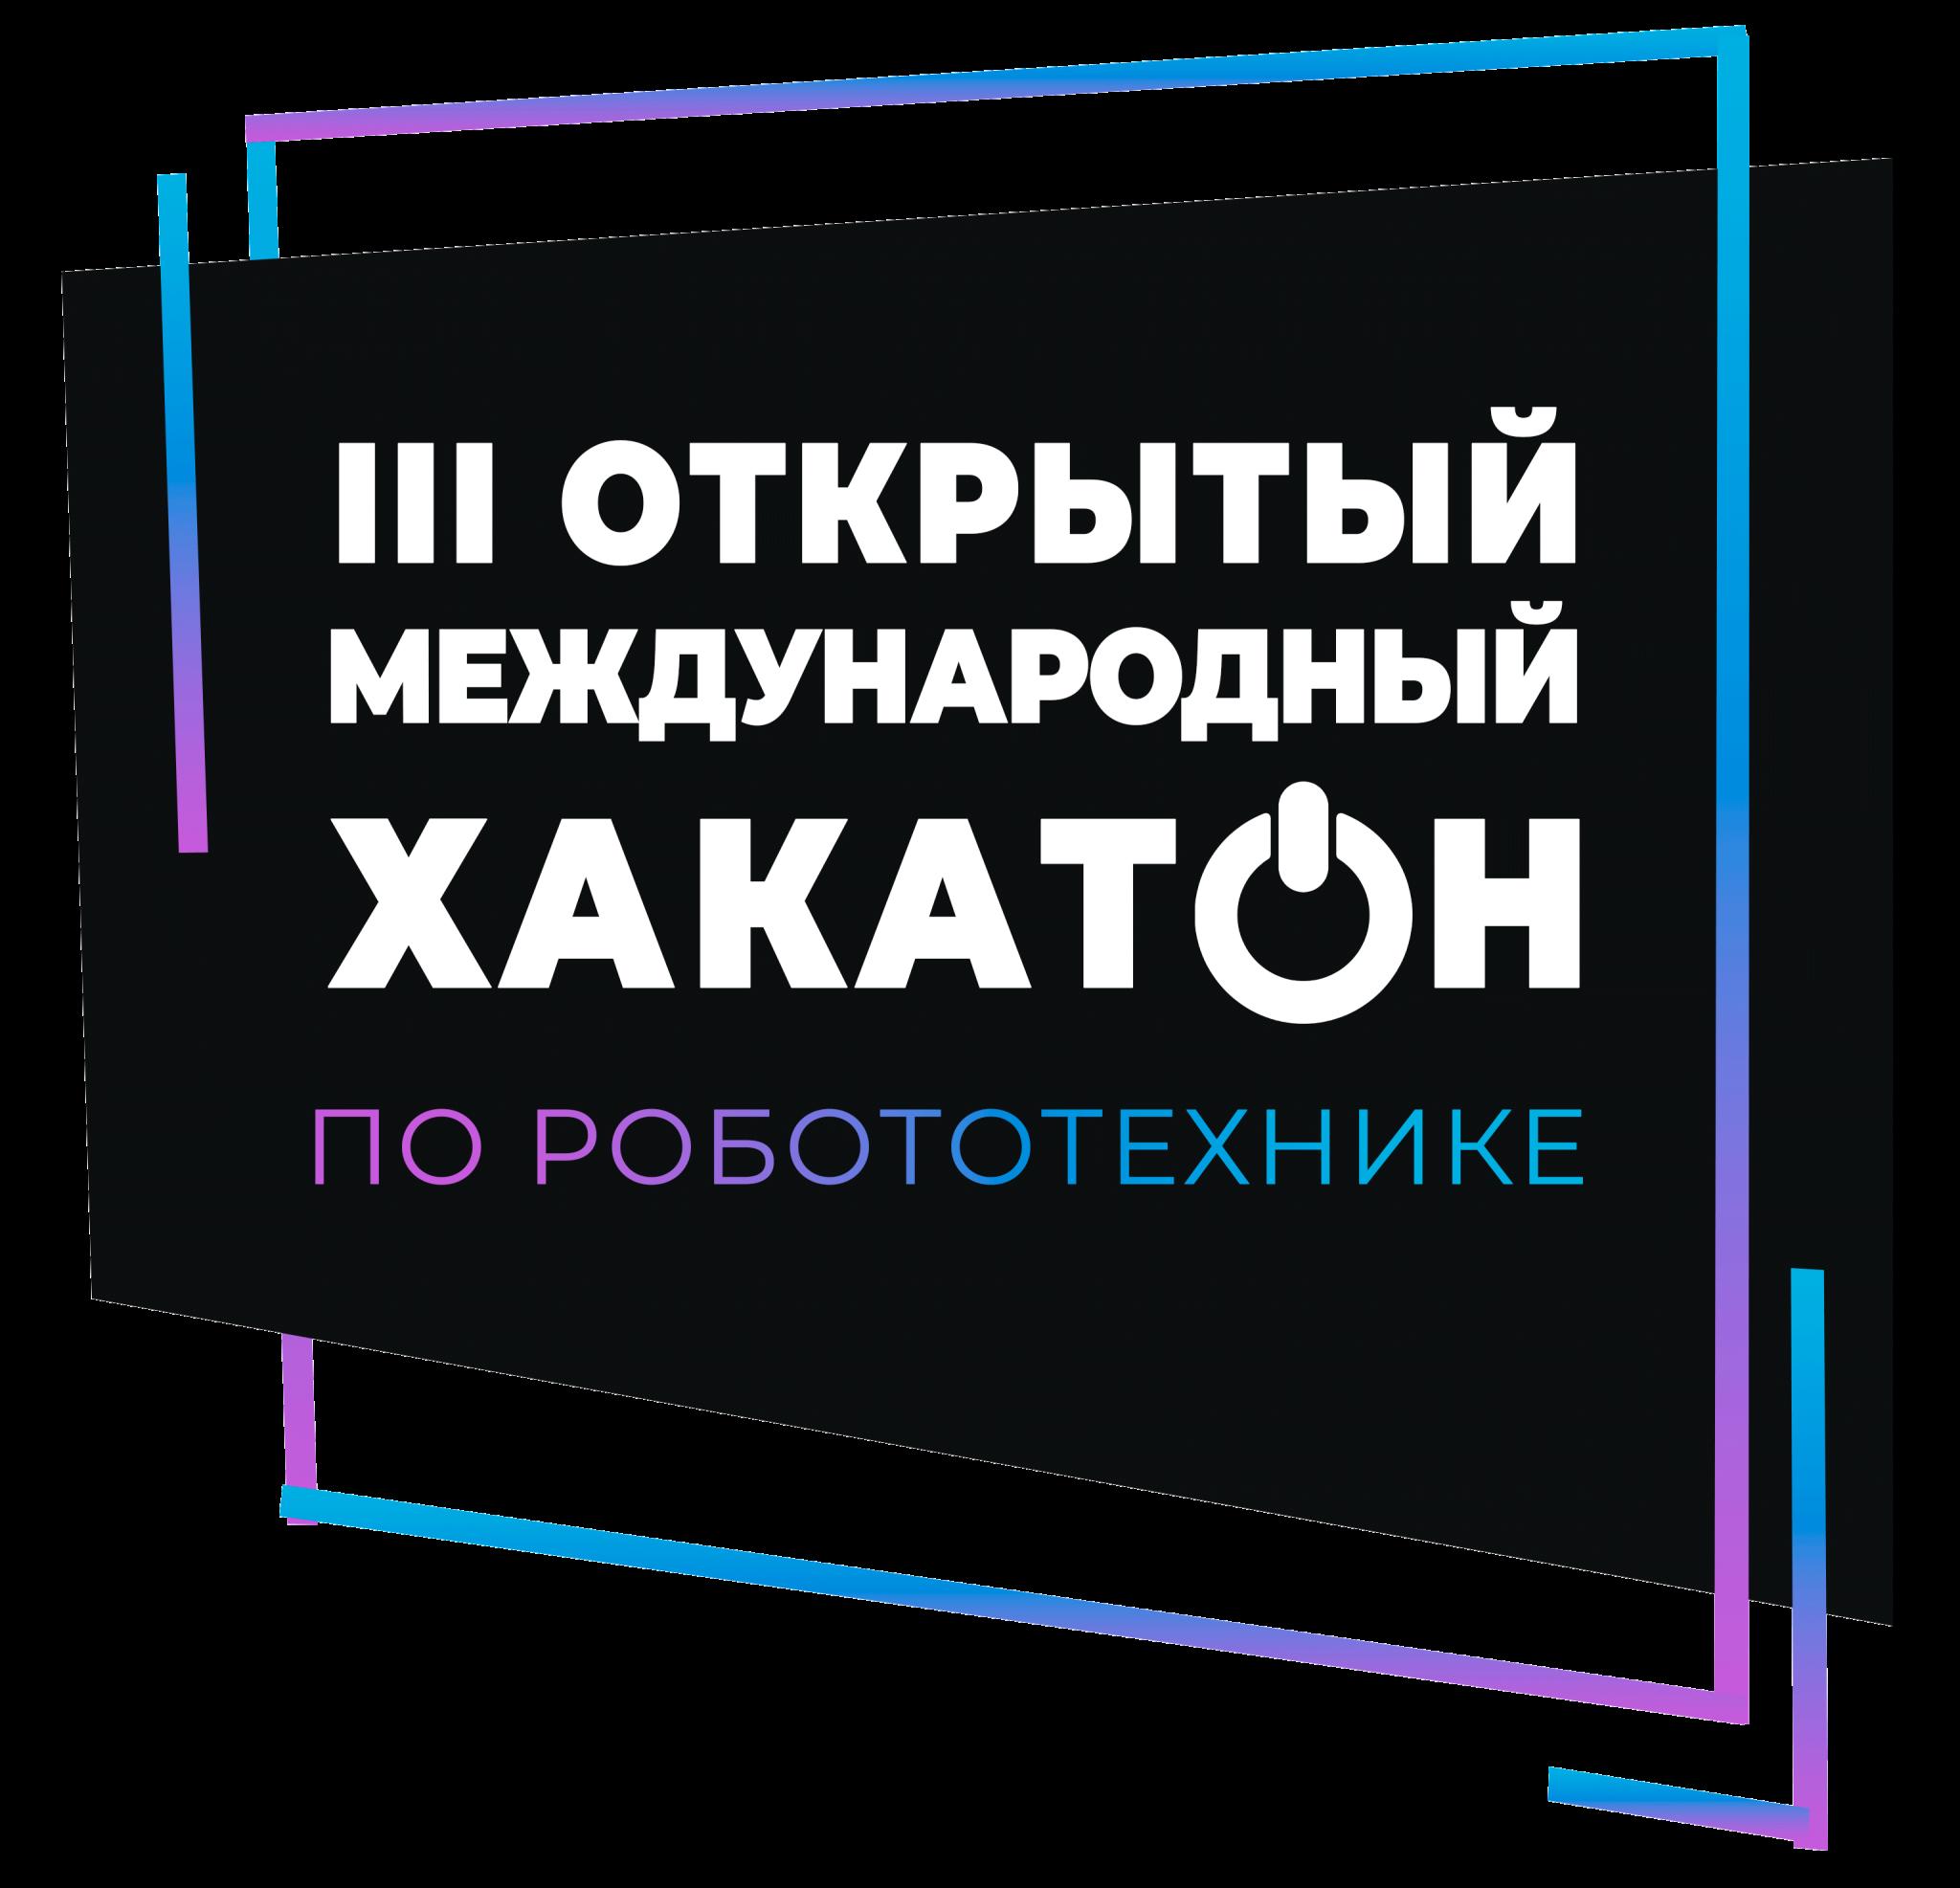 III Открытый международный хакатон — подготовка по спортивной и образовательной робототехнике